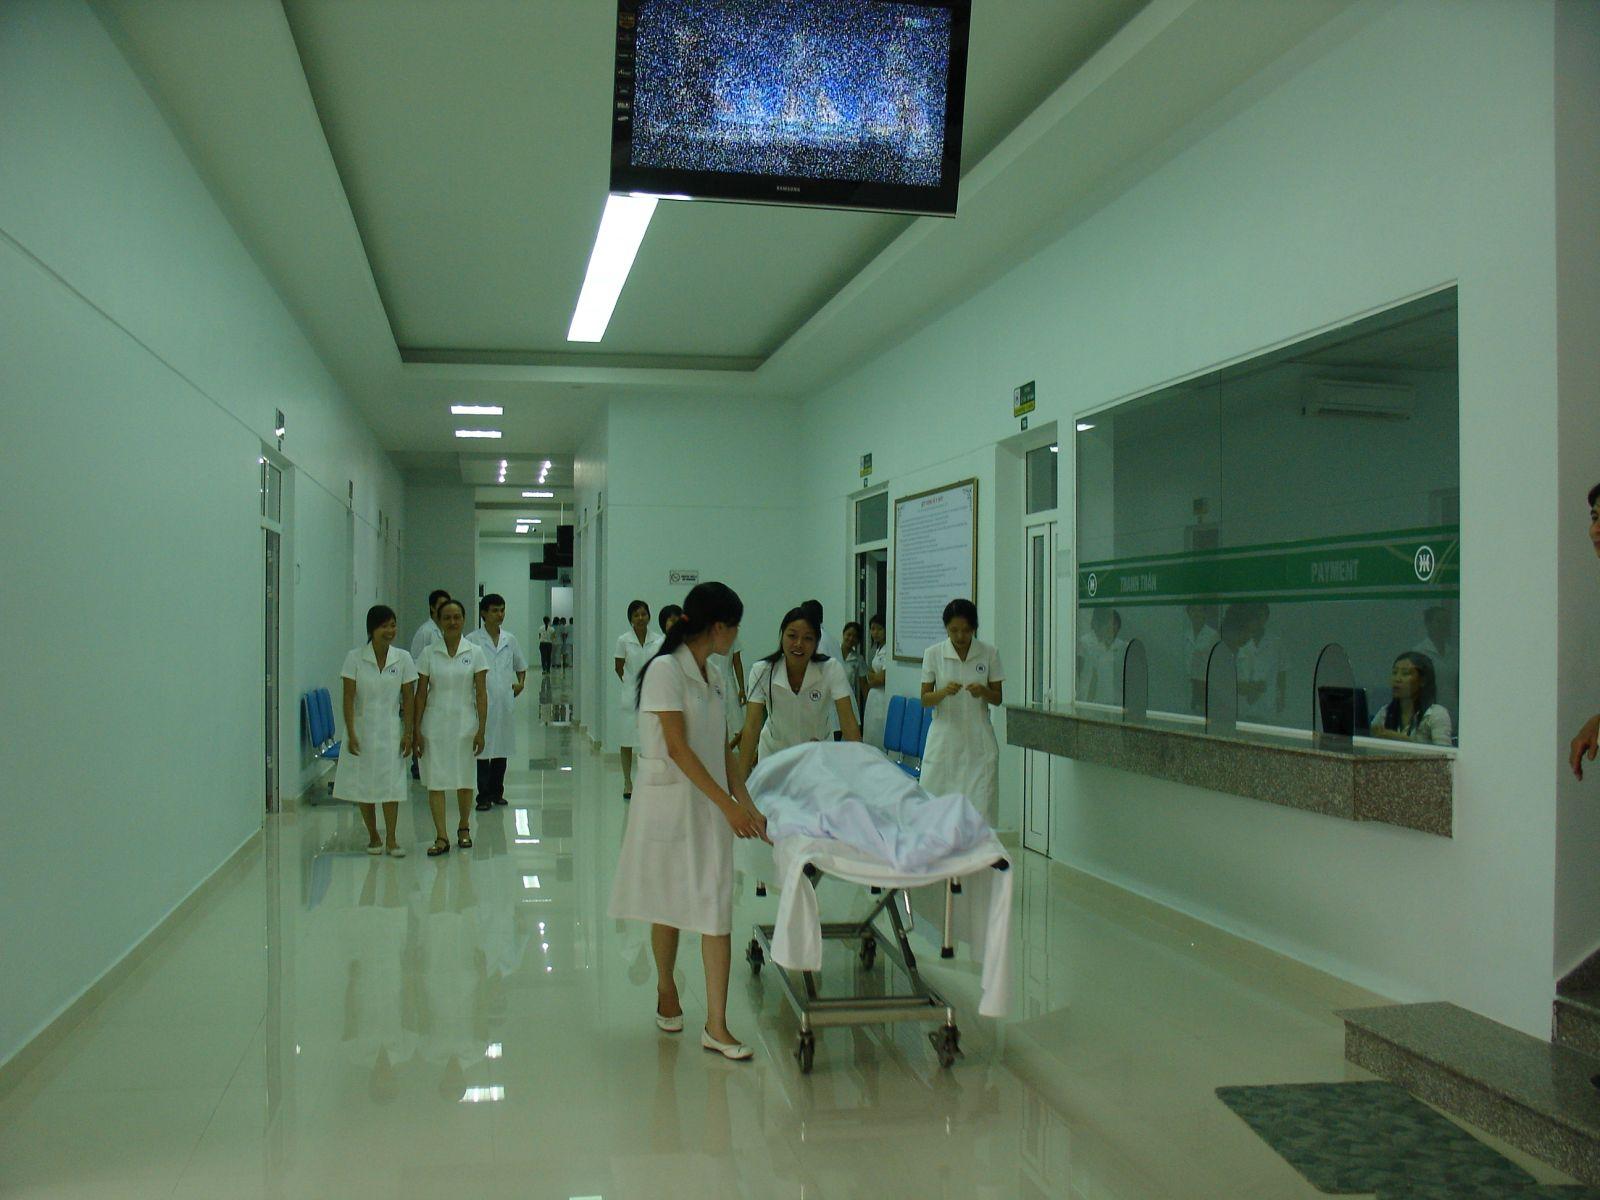 Bệnh viện Vụ Bản - Nam Định